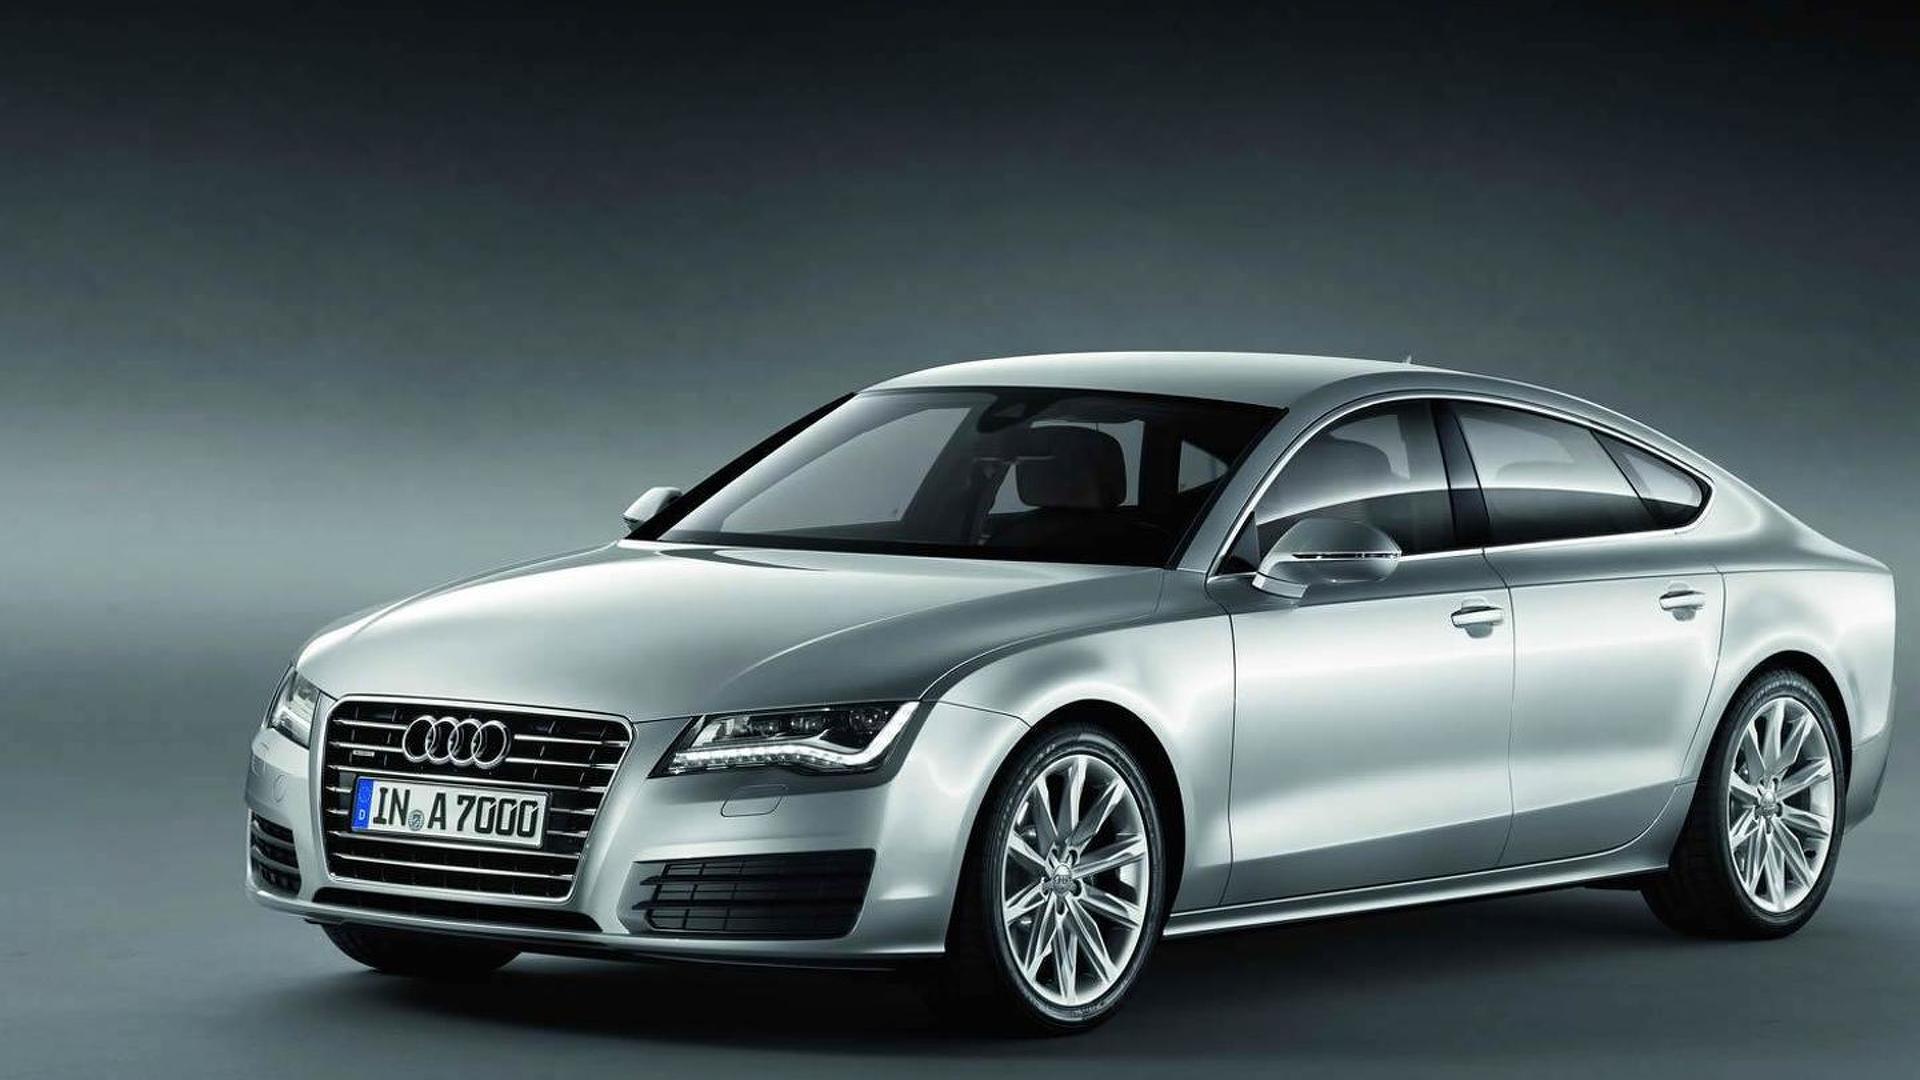 Kelebihan Audi A7 2011 Perbandingan Harga